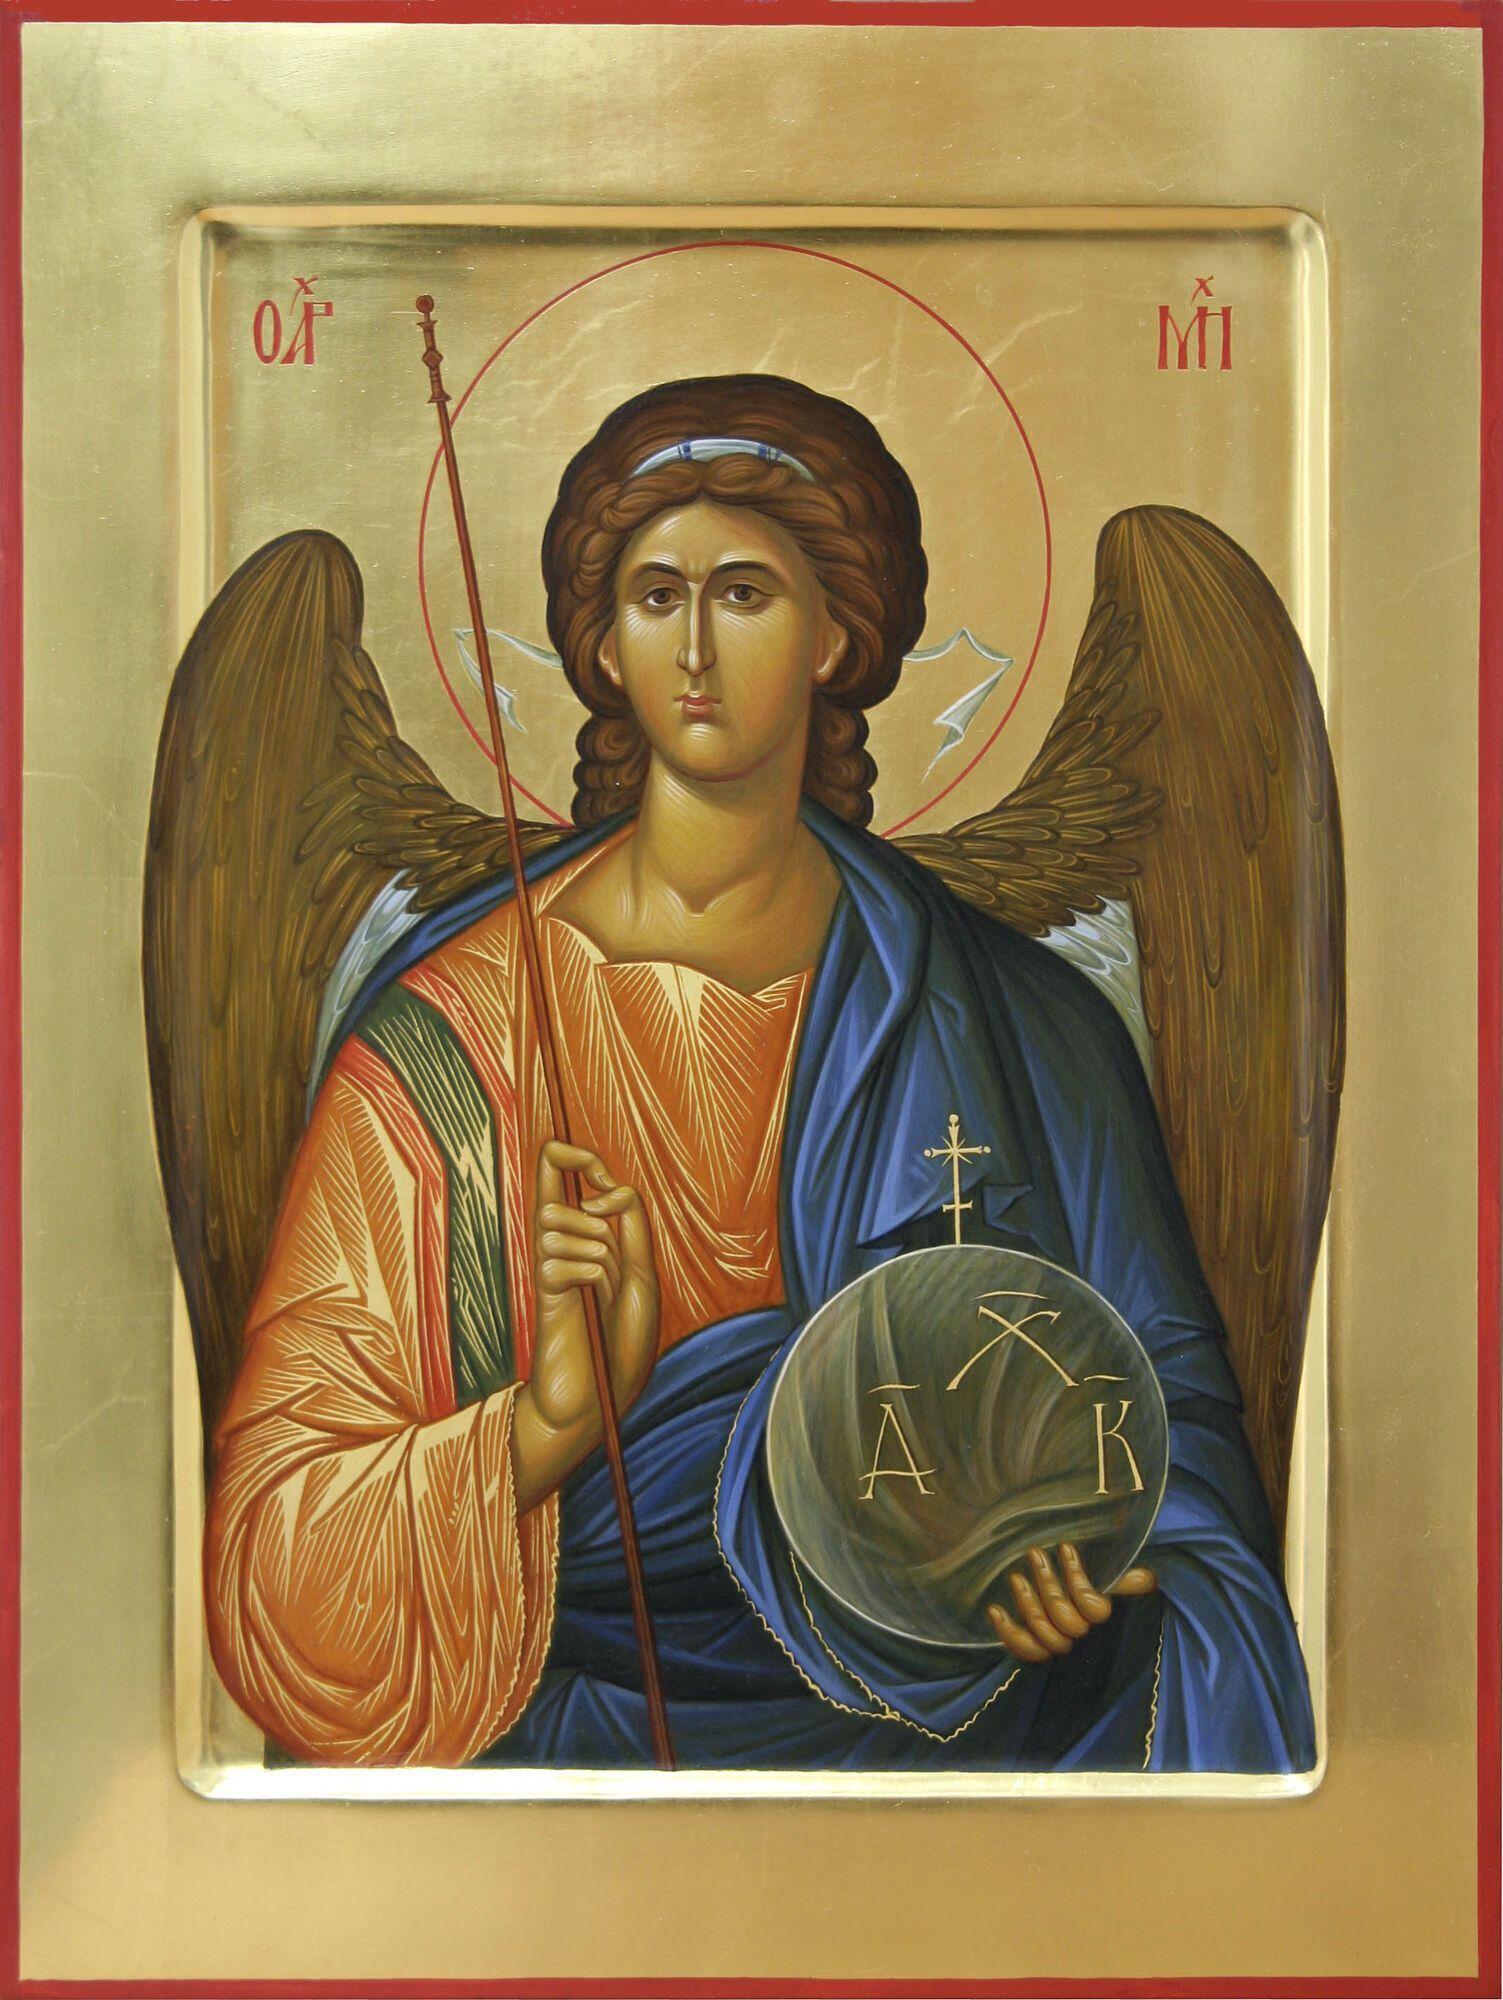 Архангел Михаил – один из главных в христианстве ангелов